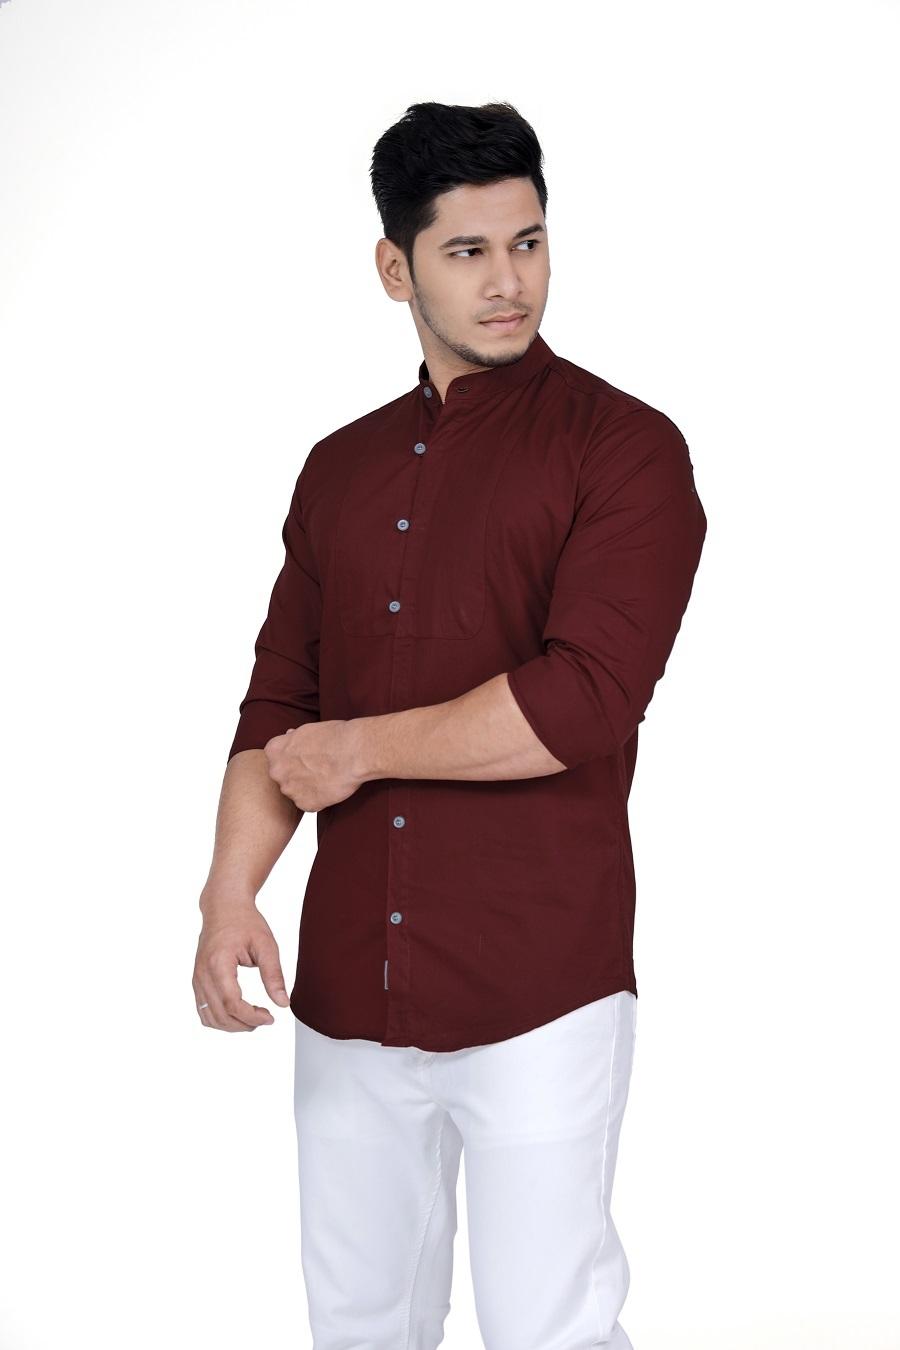 plain basic shirt